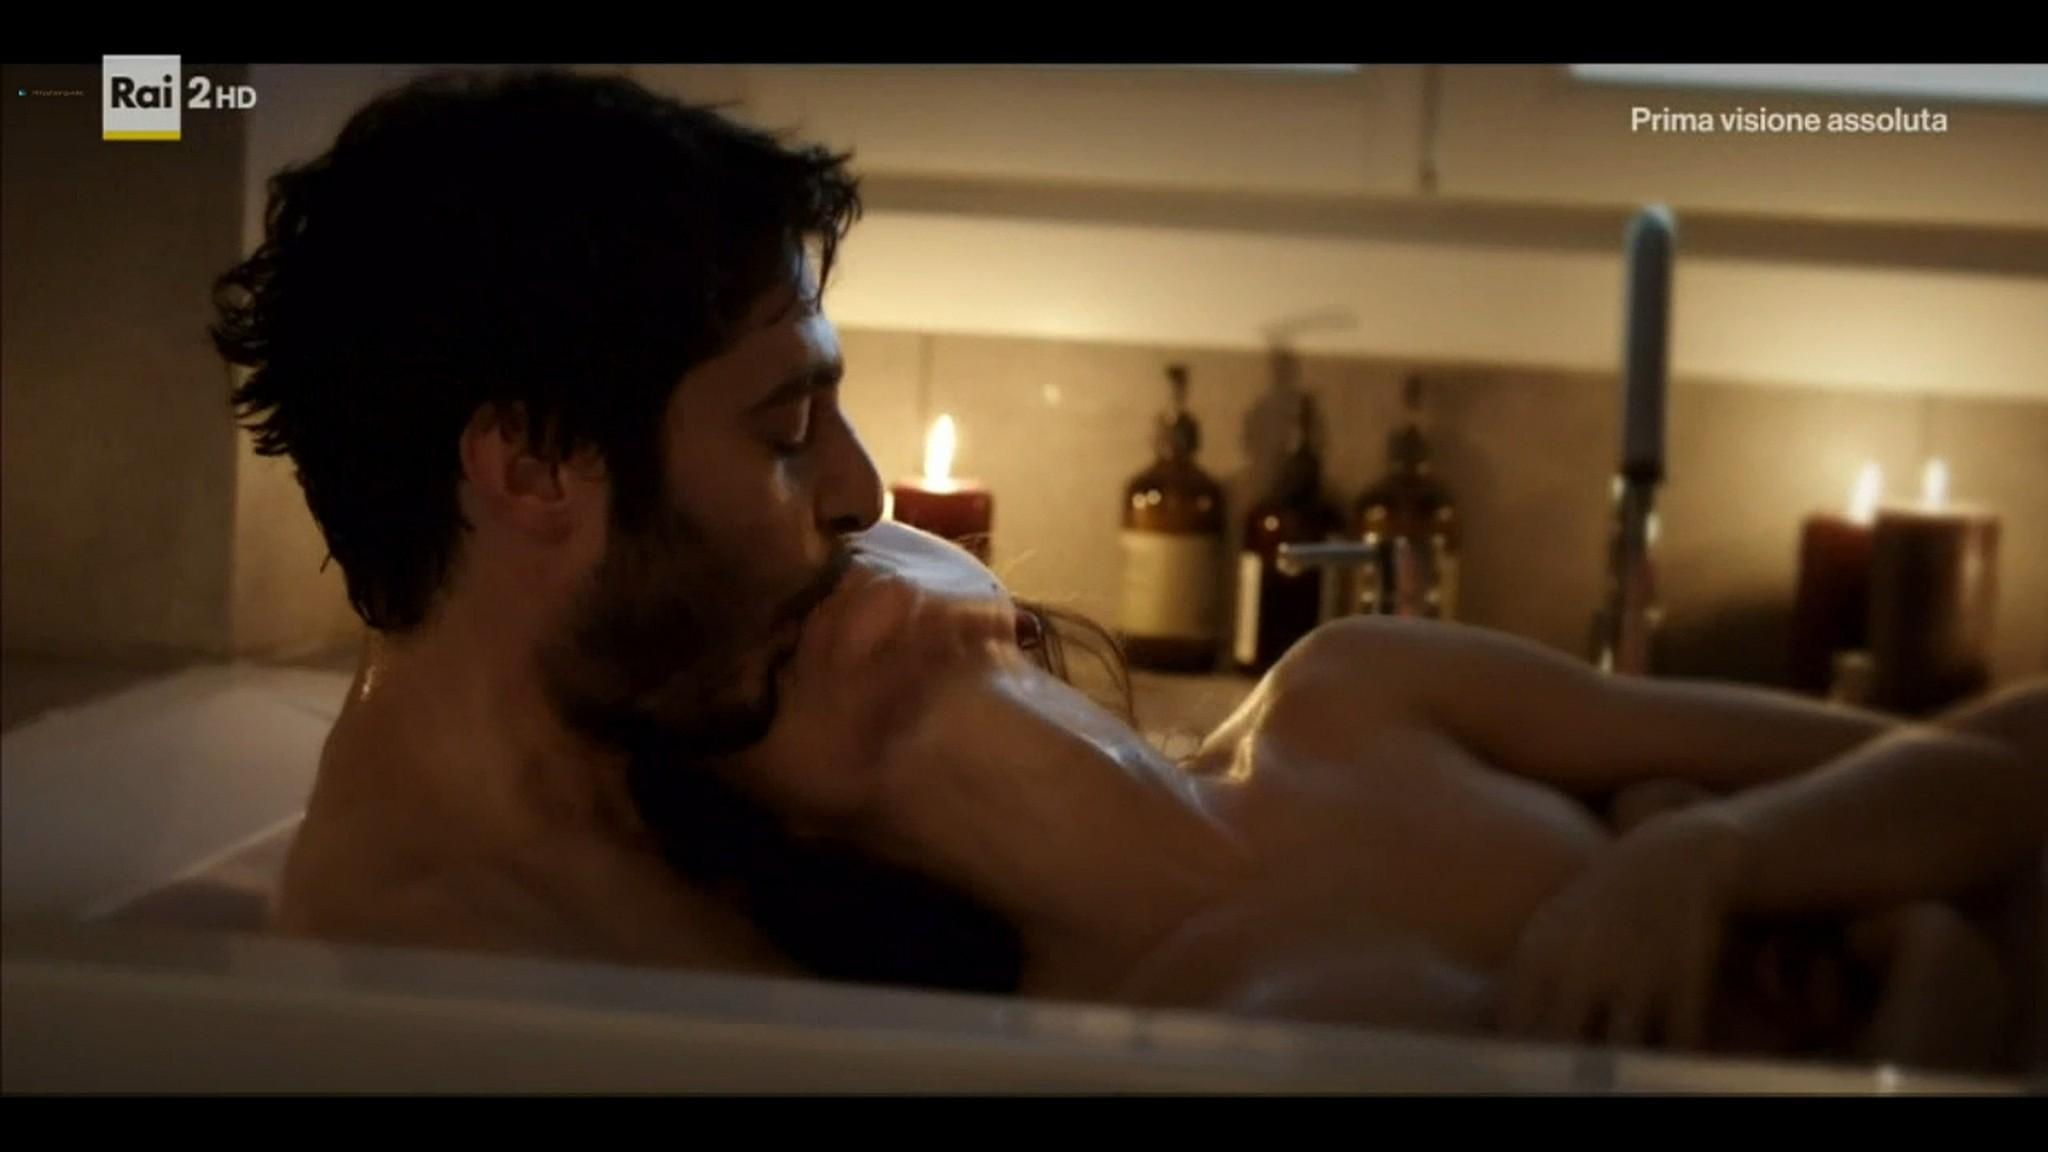 Elena Radonicich nude sex Gabriella Pession nude La Porta Rossa 2019 S2 HD 720p 007